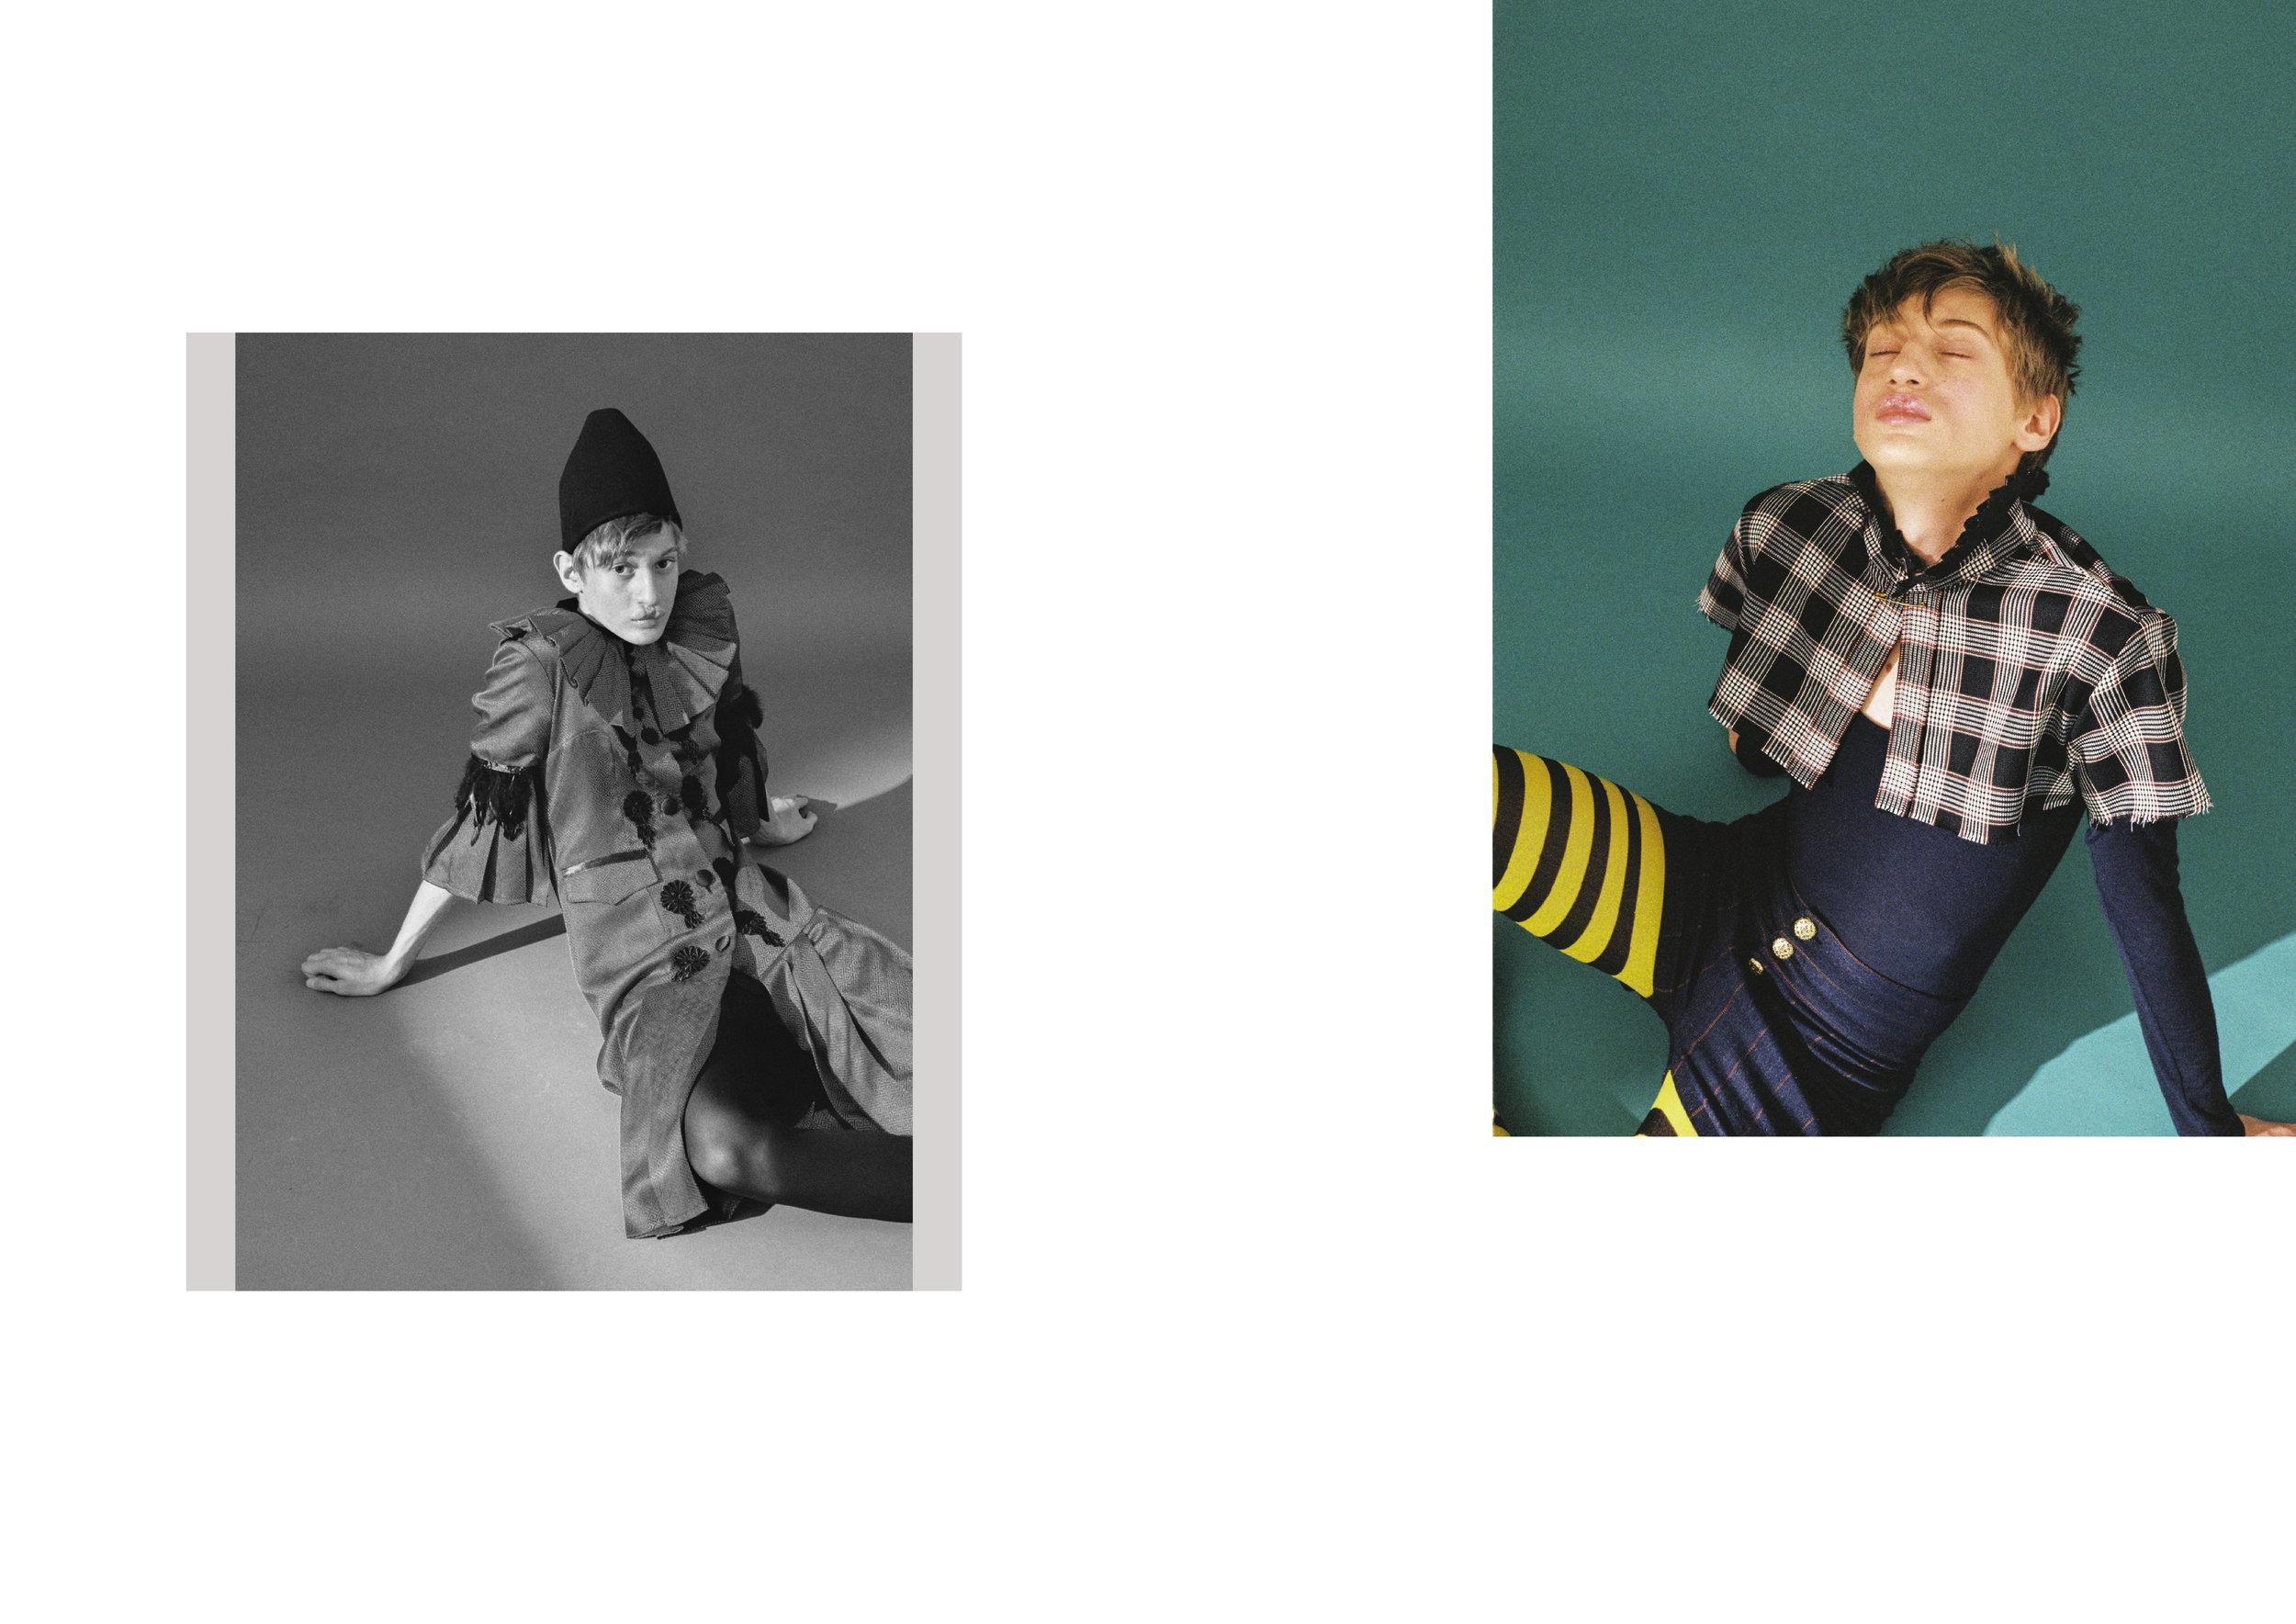 Izquierda: abrigo de  ANDRÉS ZURRU , sombrero de  PARDO HATS  y zapatos de  CALVIN KLEIN .  Derecha: chaleco y pantalón corto de  LORENZO MARTINEZ , top de  CARLOTA BARRERA  y calcetas de  ROOM 89 .